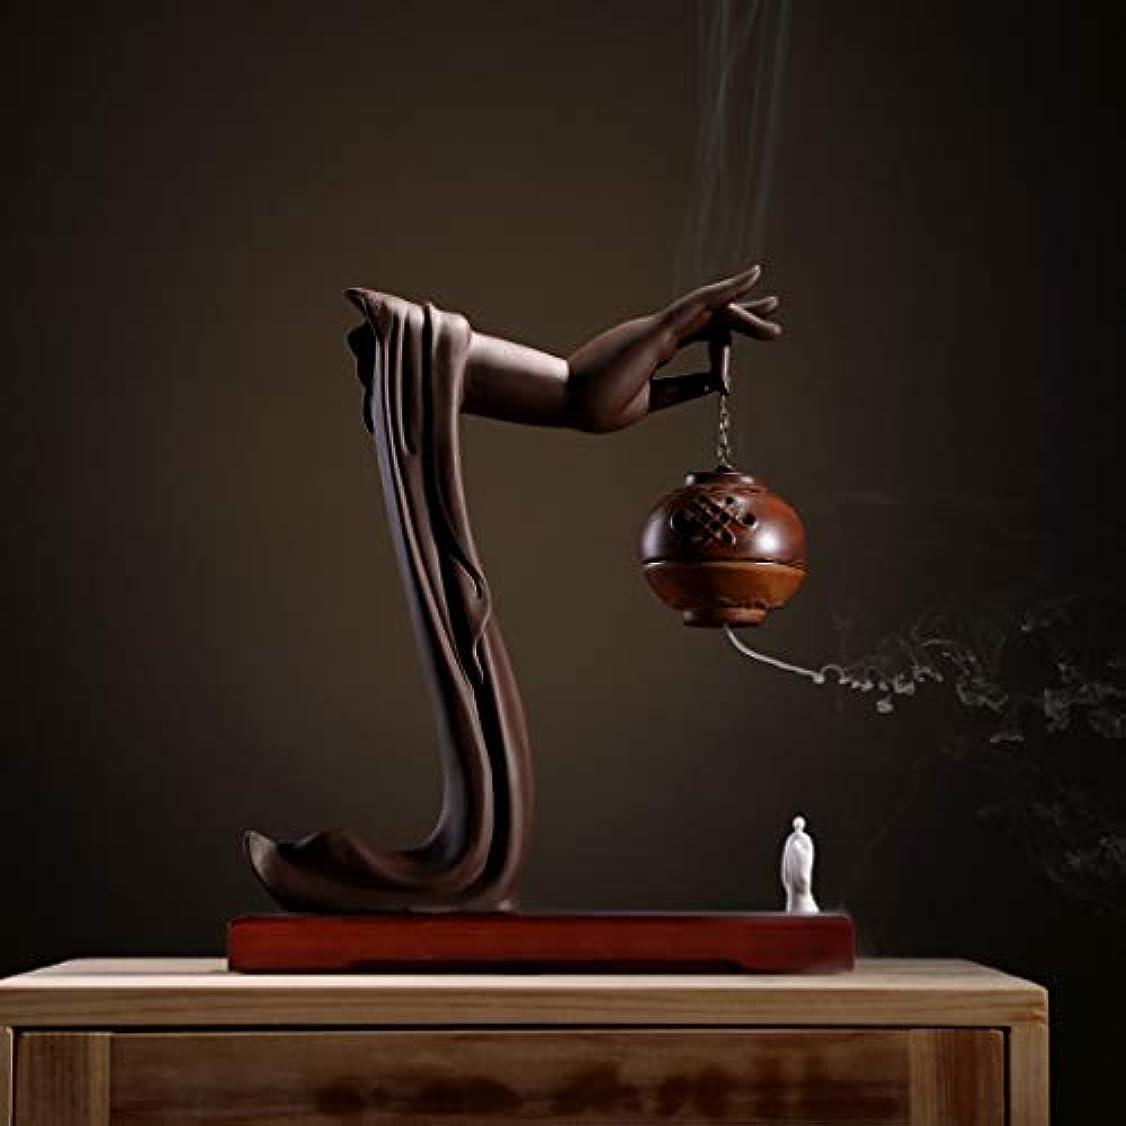 弁護人種類信号手動逆流香バーナーロータス/僧侶逆流香バーナーコーンコーンブラケットホームデスクトップの装飾L28cm×W9.5cm×H33cm (Color : Brown incense burner)